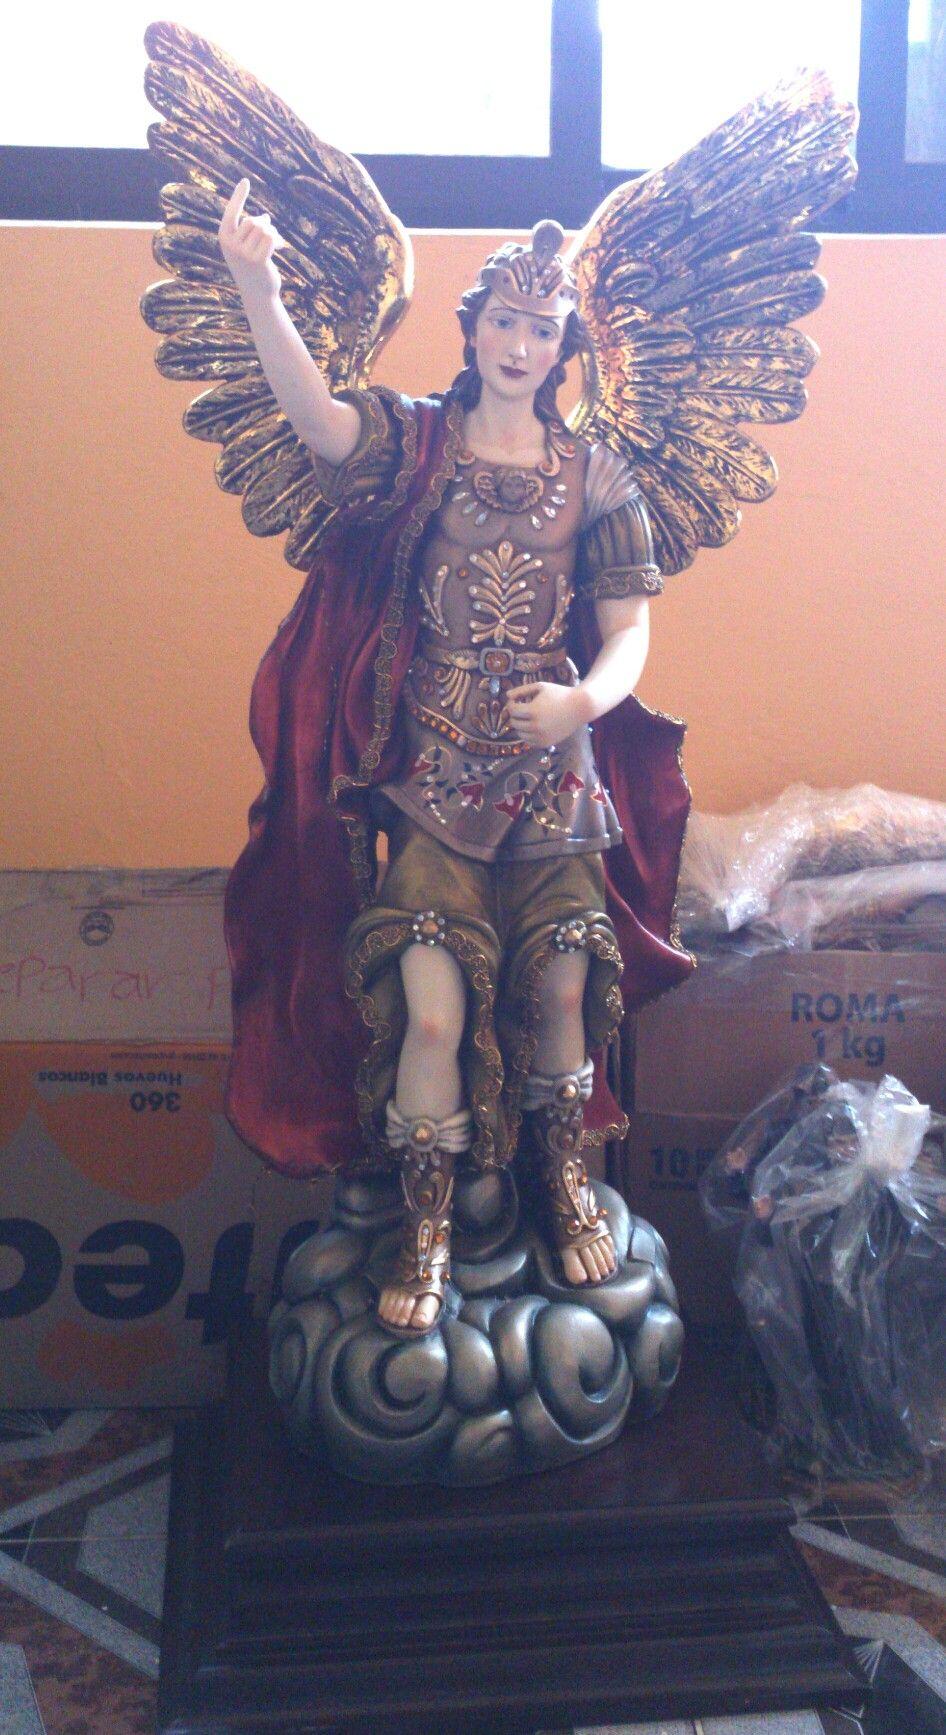 Arcangel Follando imagen de arcangel gabriel pintura y decorado especial (con